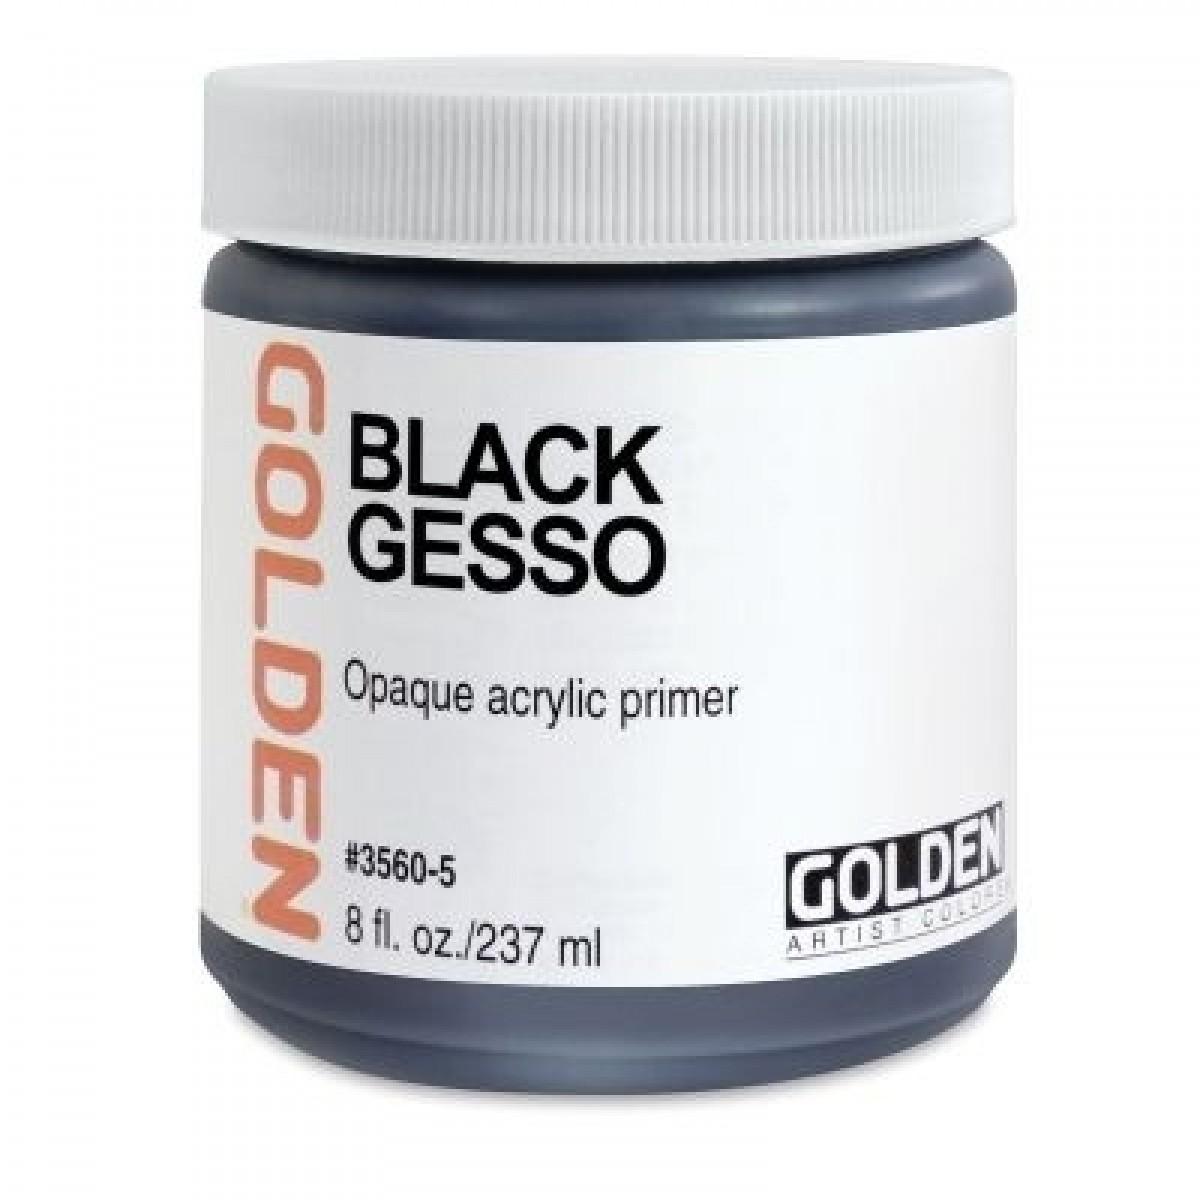 GOLDEN Sort/Black Gesso 237ml.